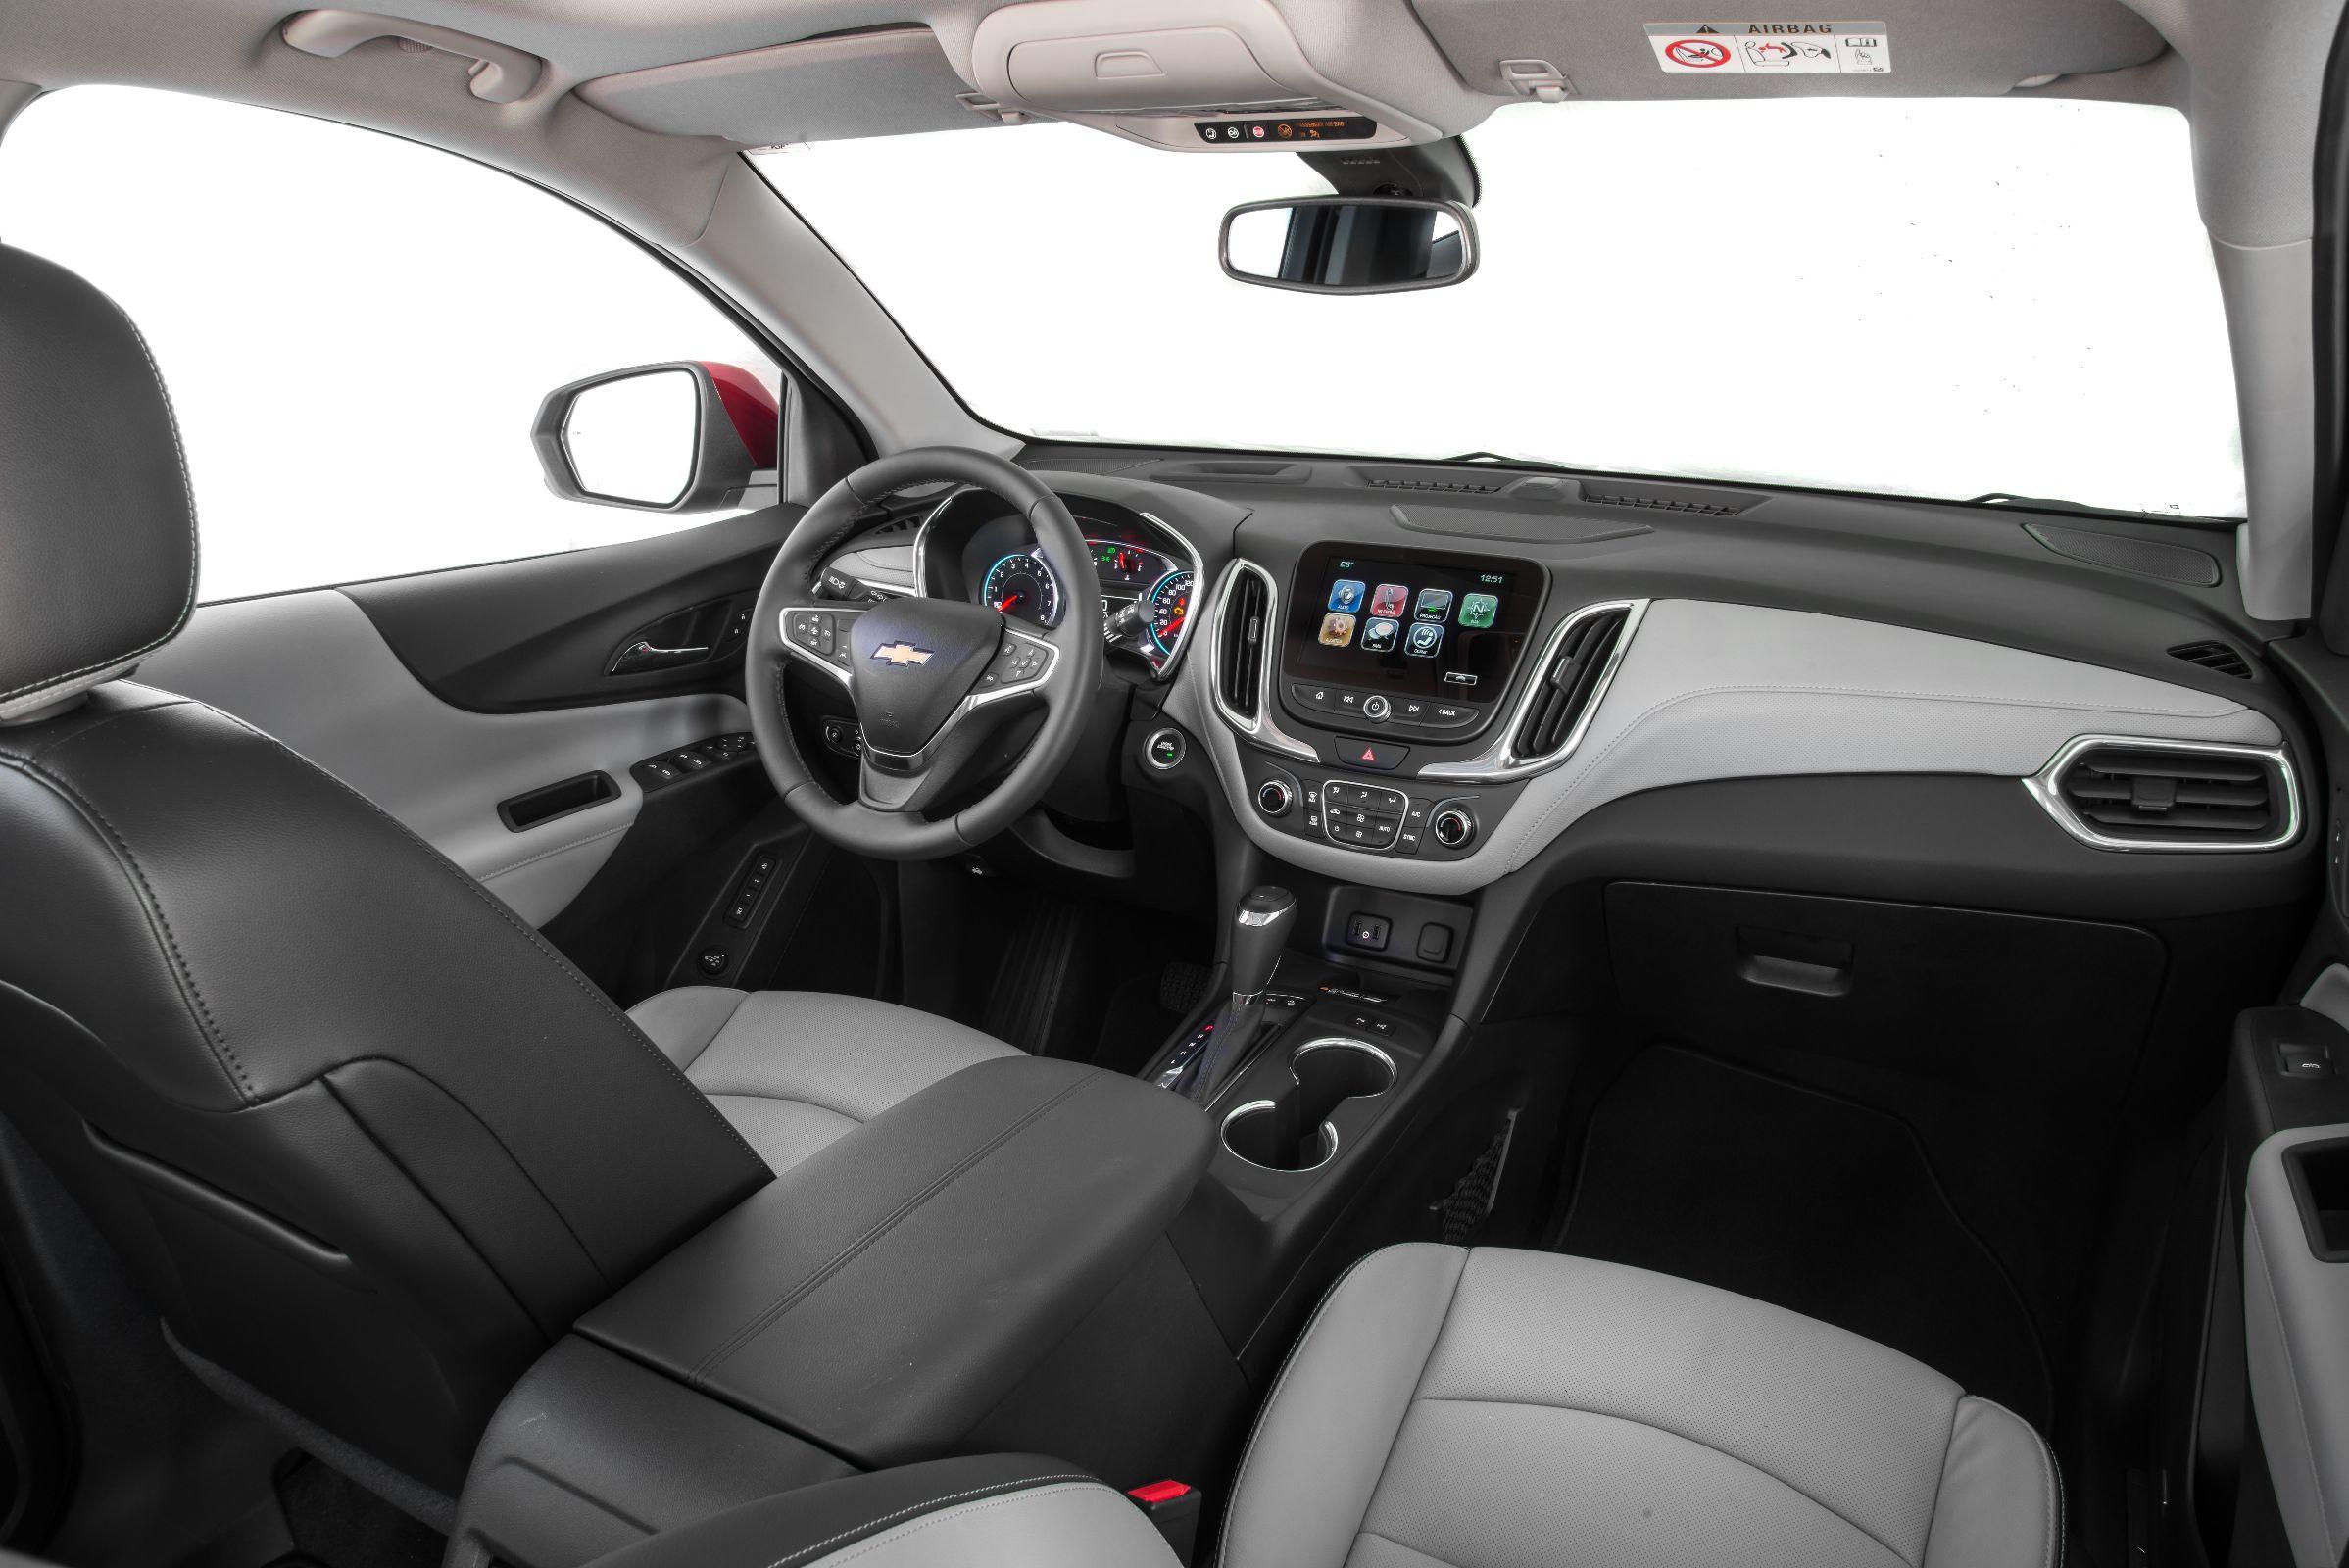 Cabine e painel: Saiba os detalhes do novo SUV Chevrolet Equinox 2018, que chega em versão única e com preço de R$ 150 mil para enfrentar concorrentes.